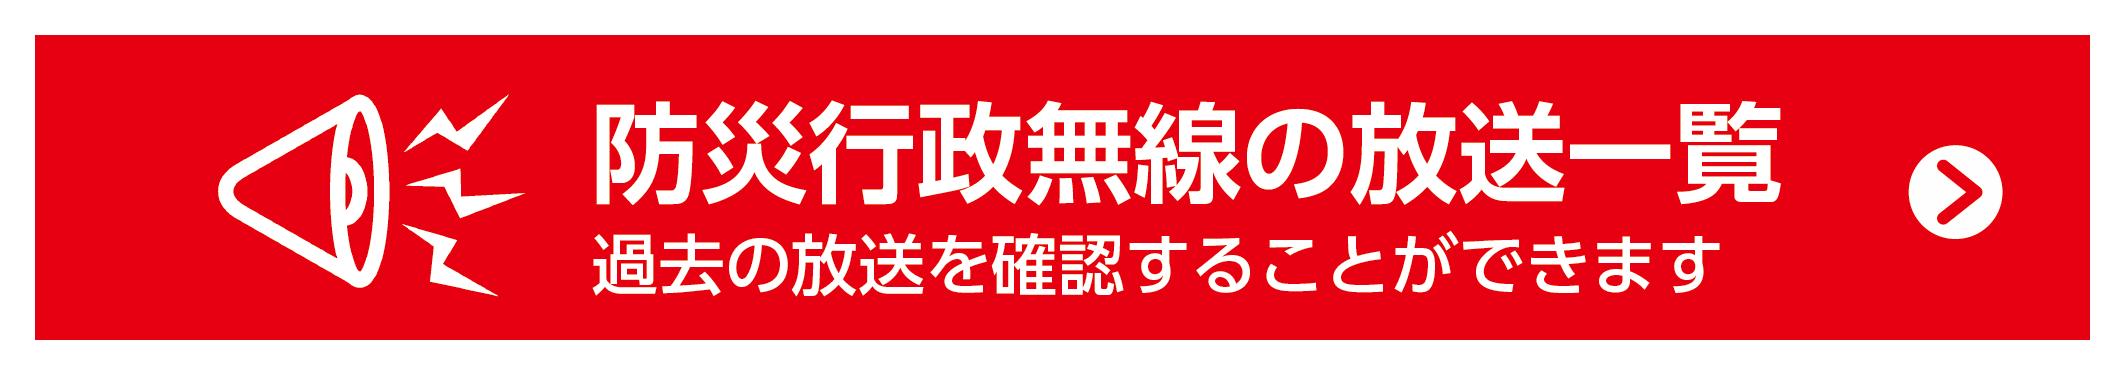 防災ポータルページ3×3(アートボード別)-01